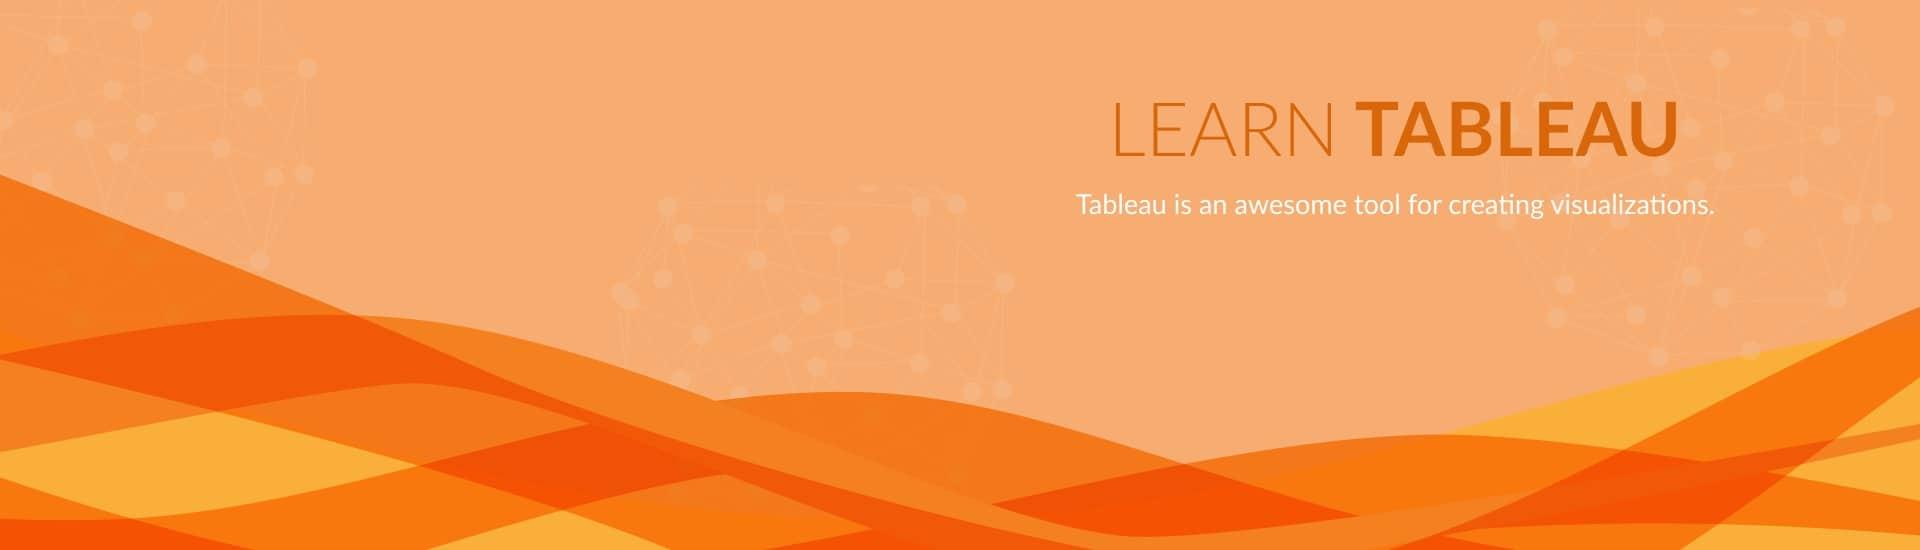 Learn Tableau2  Learn Tableau Public